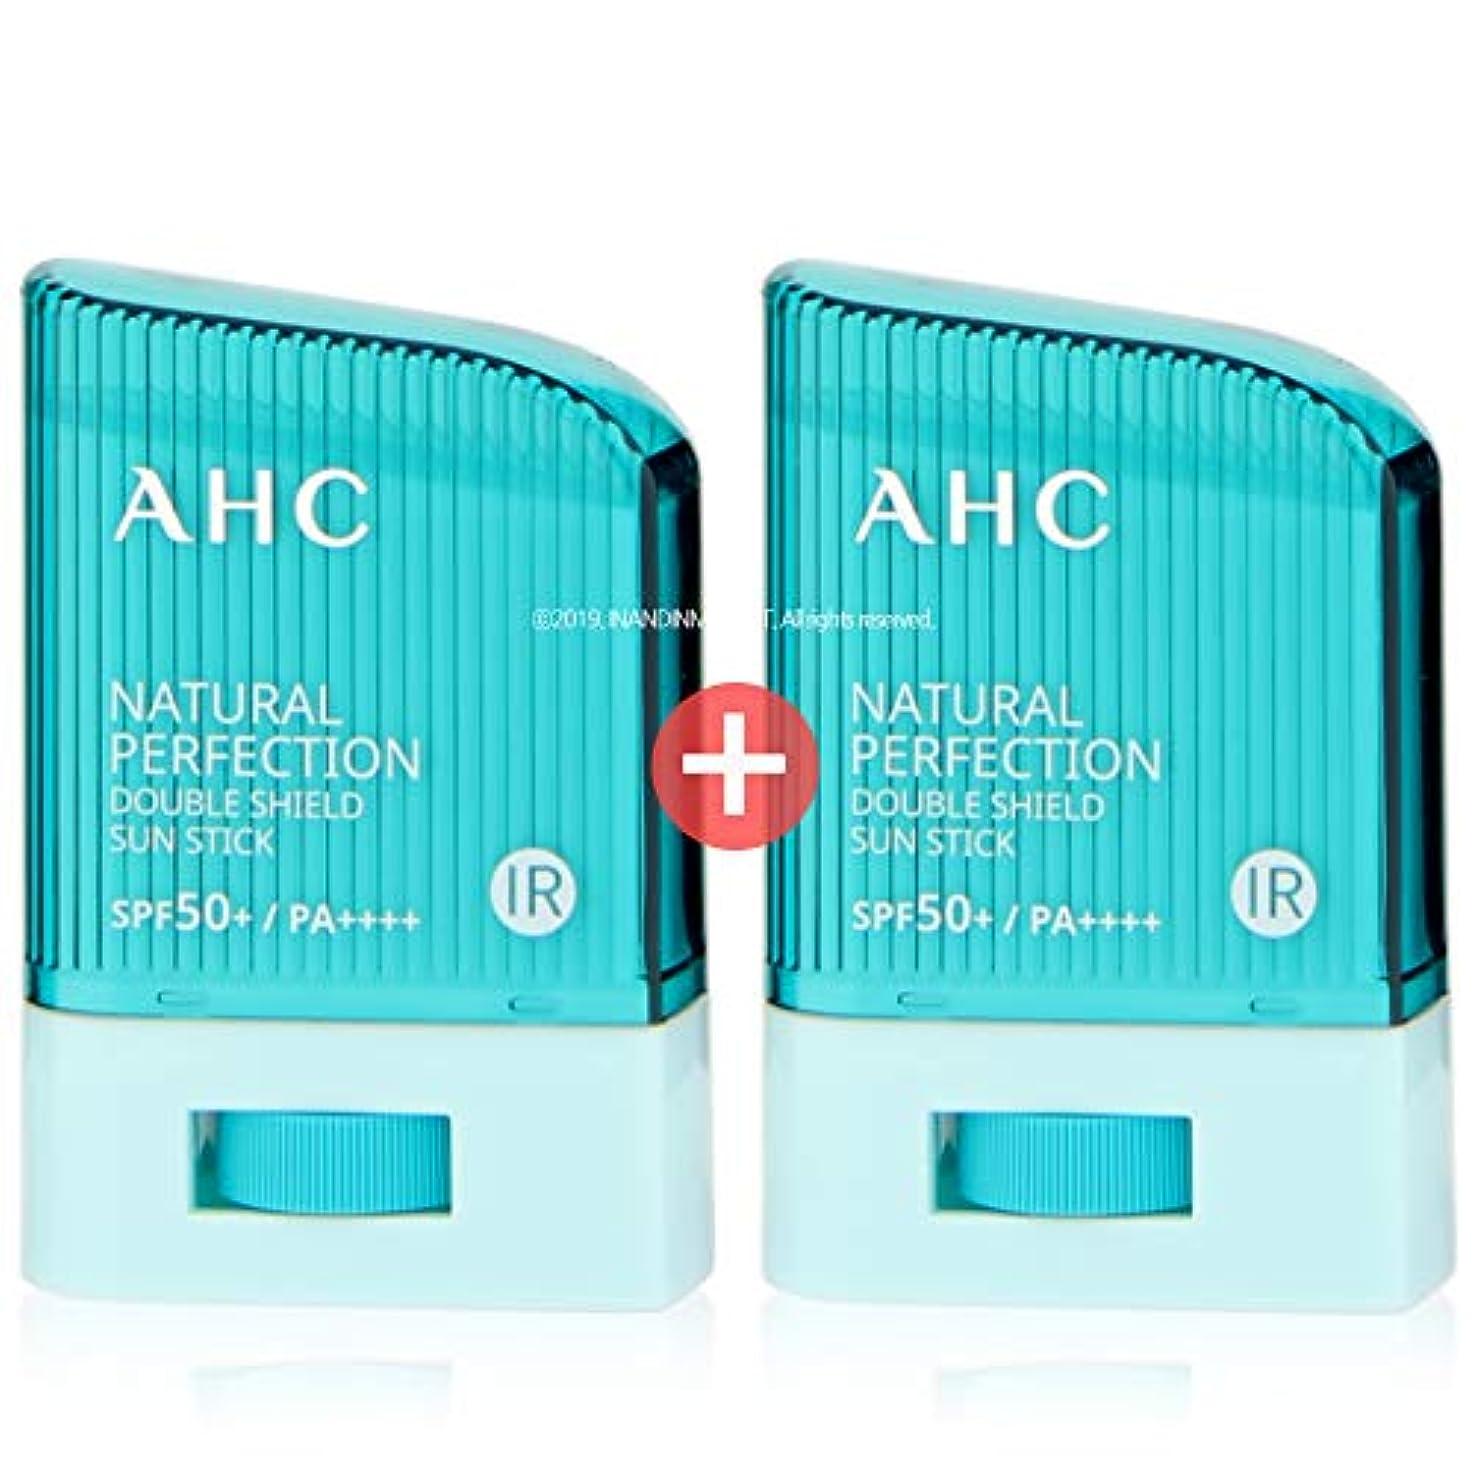 夜間牛グロー[ 1+1 ] AHC ナチュラルパーフェクションダブルシールドサンスティック 14g, Natural Perfection Double Shield Sun Stick SPF50+ PA++++